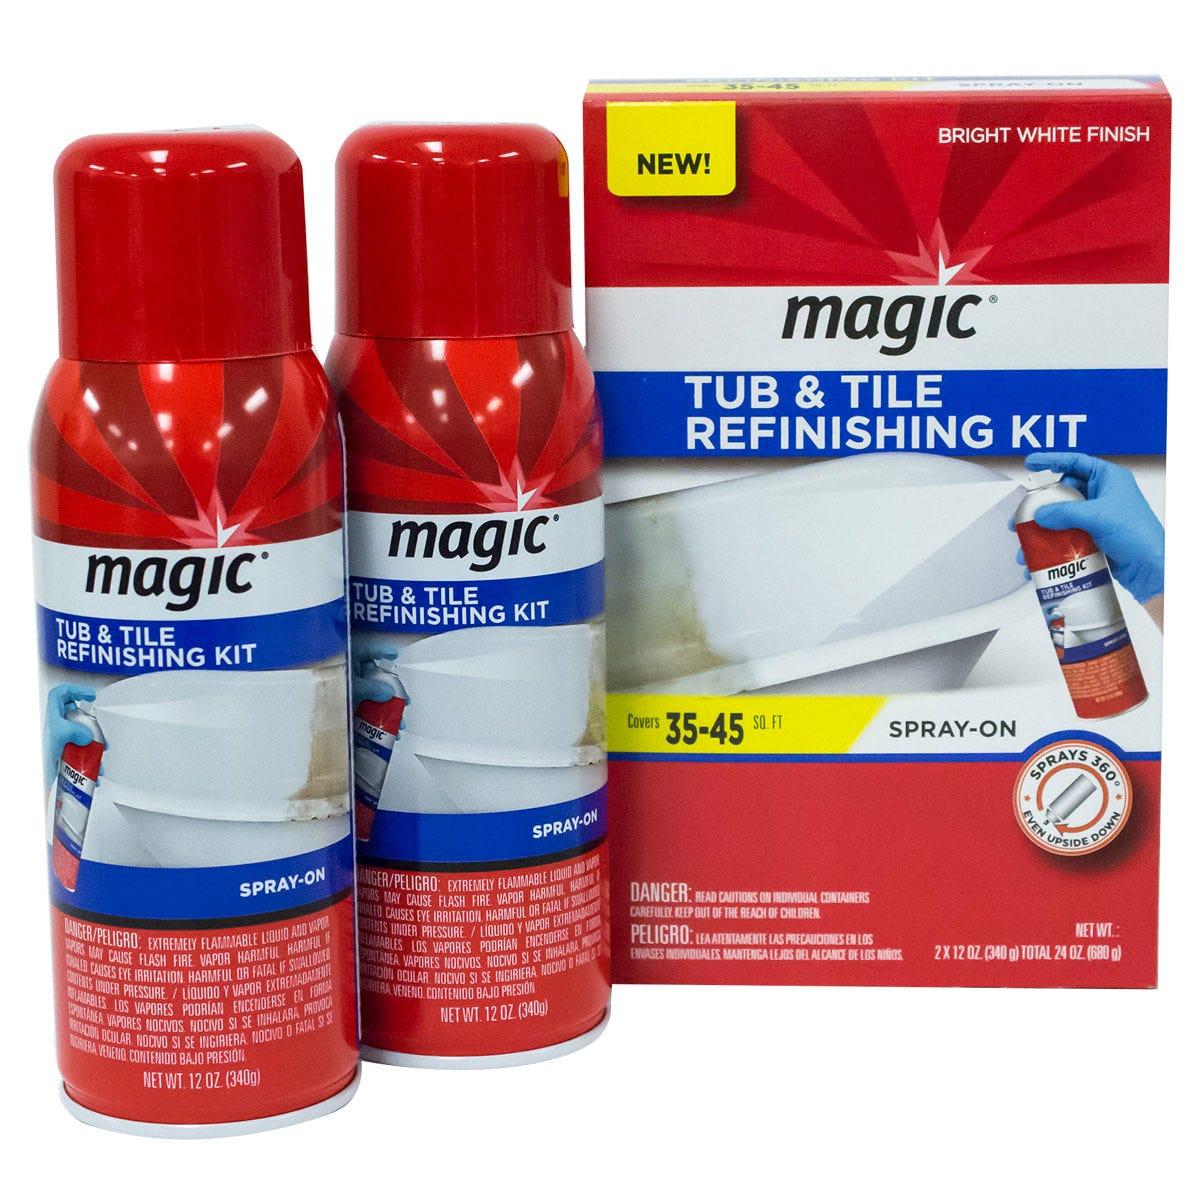 https://googone.com/media/catalog/product/s/p/spray-paint-tub-refinishing-kit_kit.jpg